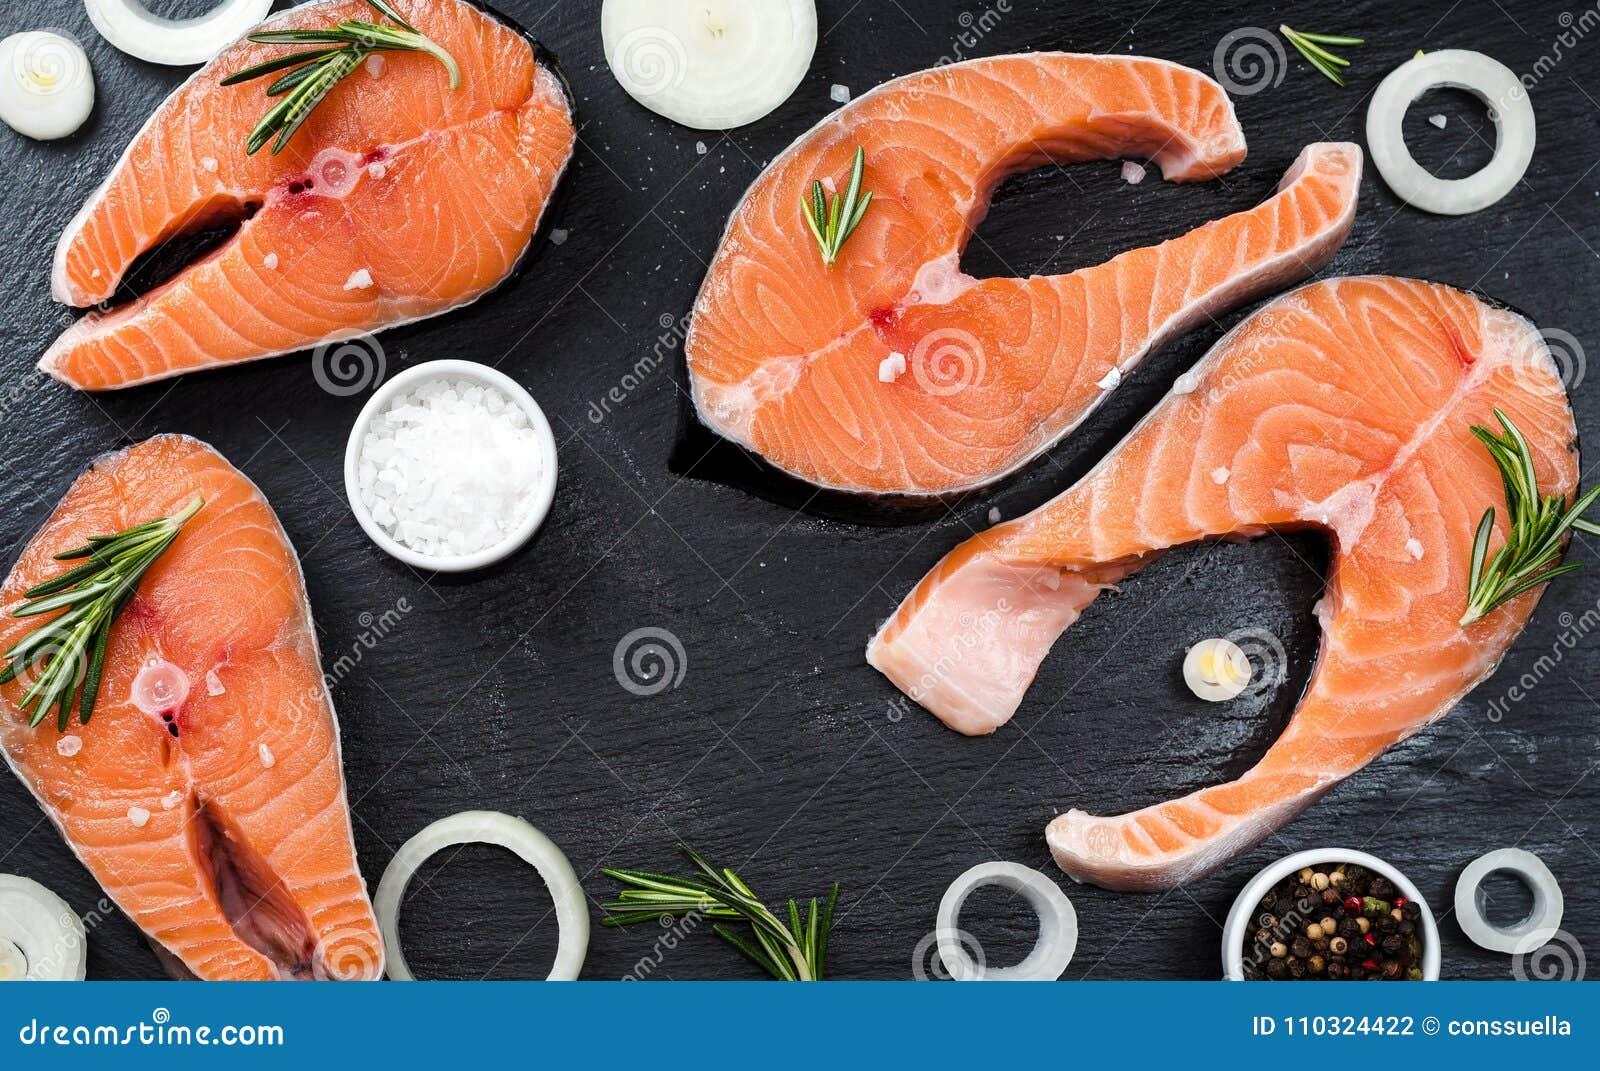 Den nya rå improviserade fisklaxen eller forellen, biffar, i en kastrull för att laga mat, med salt, pepprar på den svarta stenbe